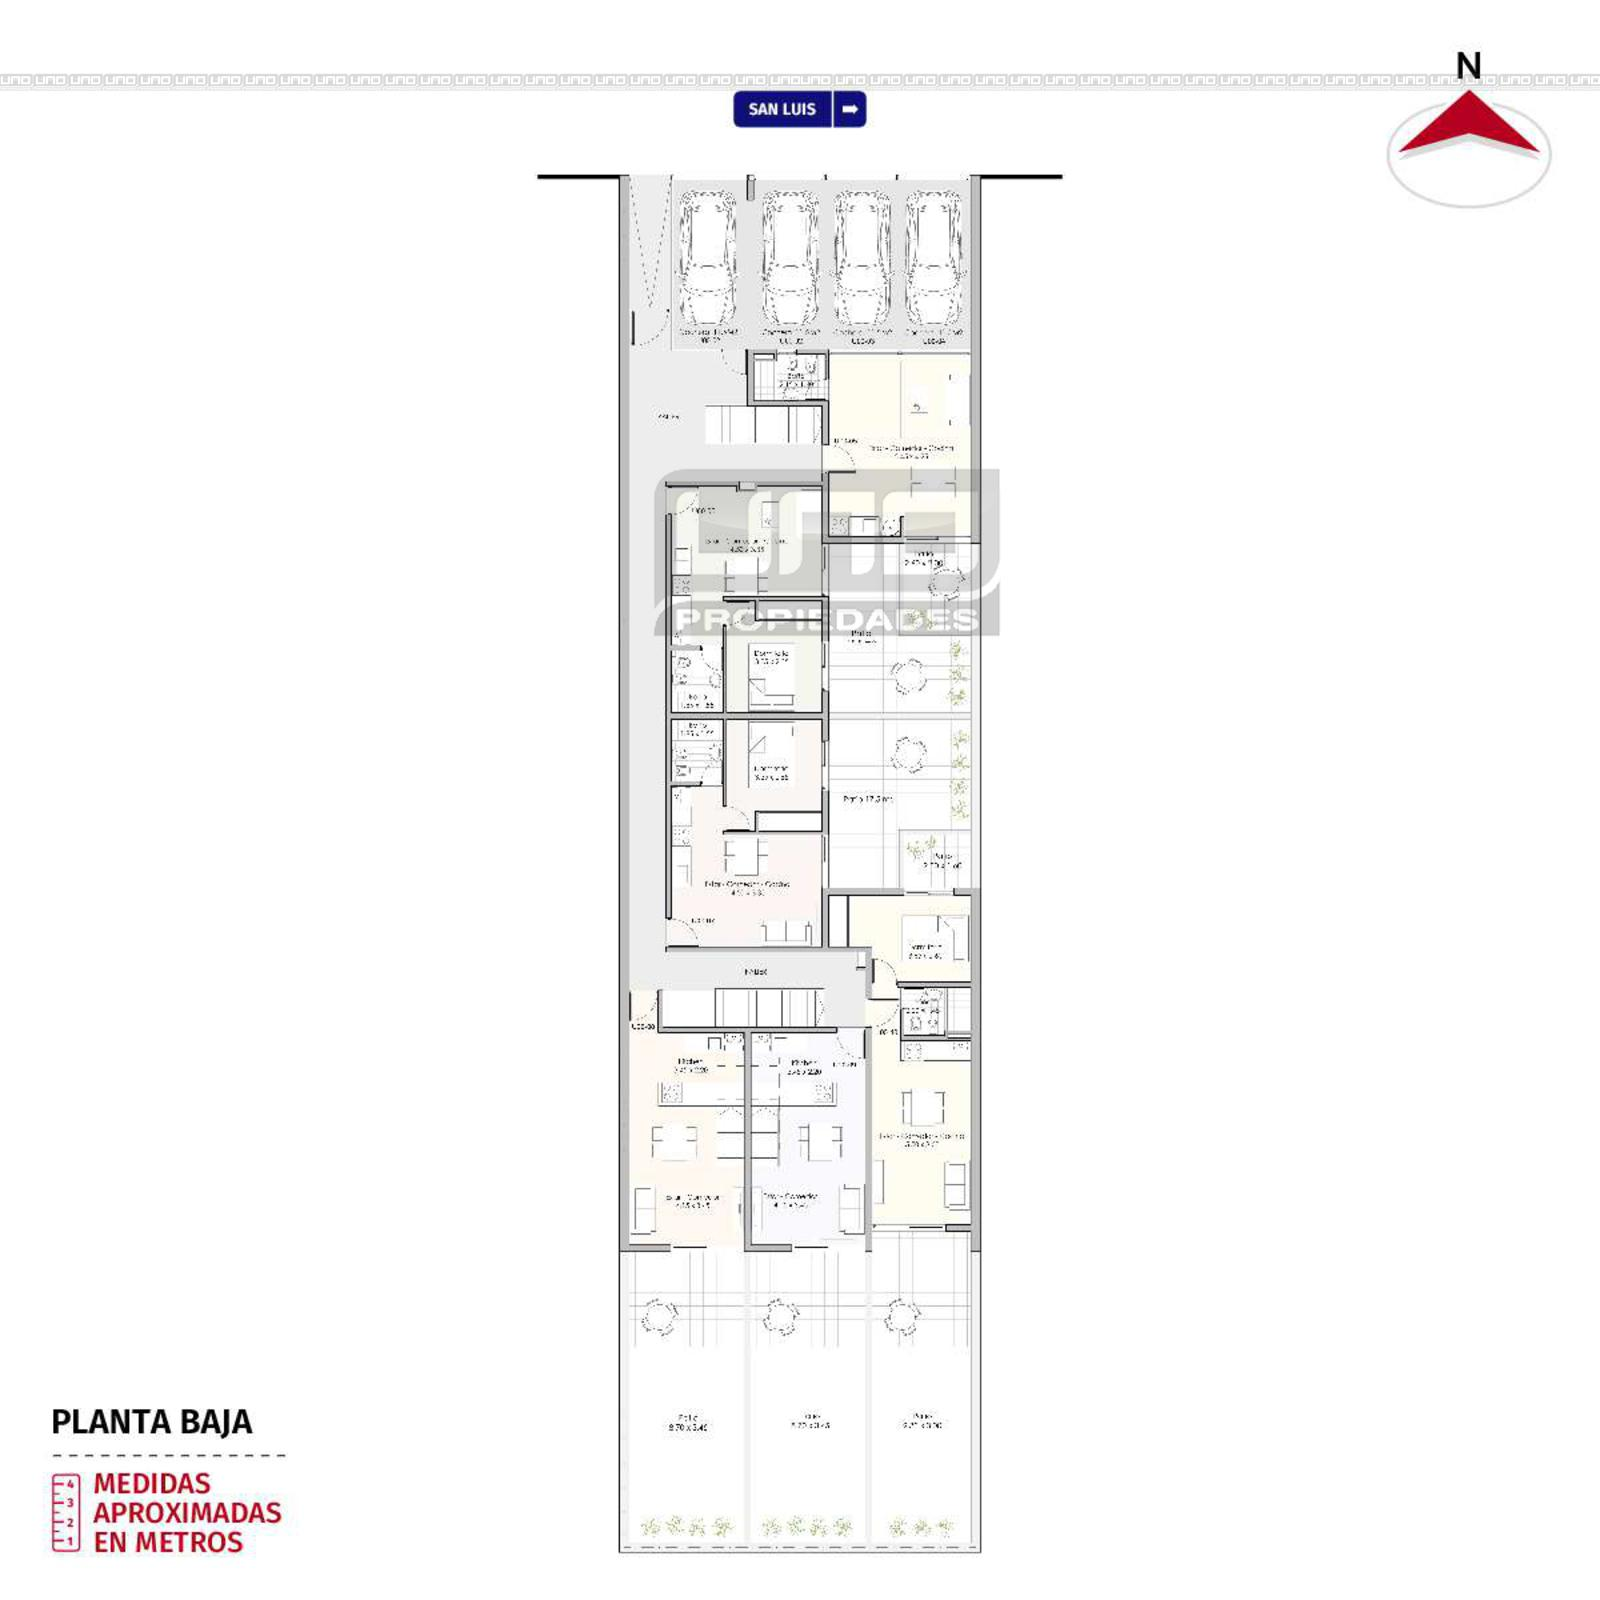 Baño Con Antebaño Plano:Venta departamento 1 dormitorio Rosario, San Luis y Francia Cód 5383